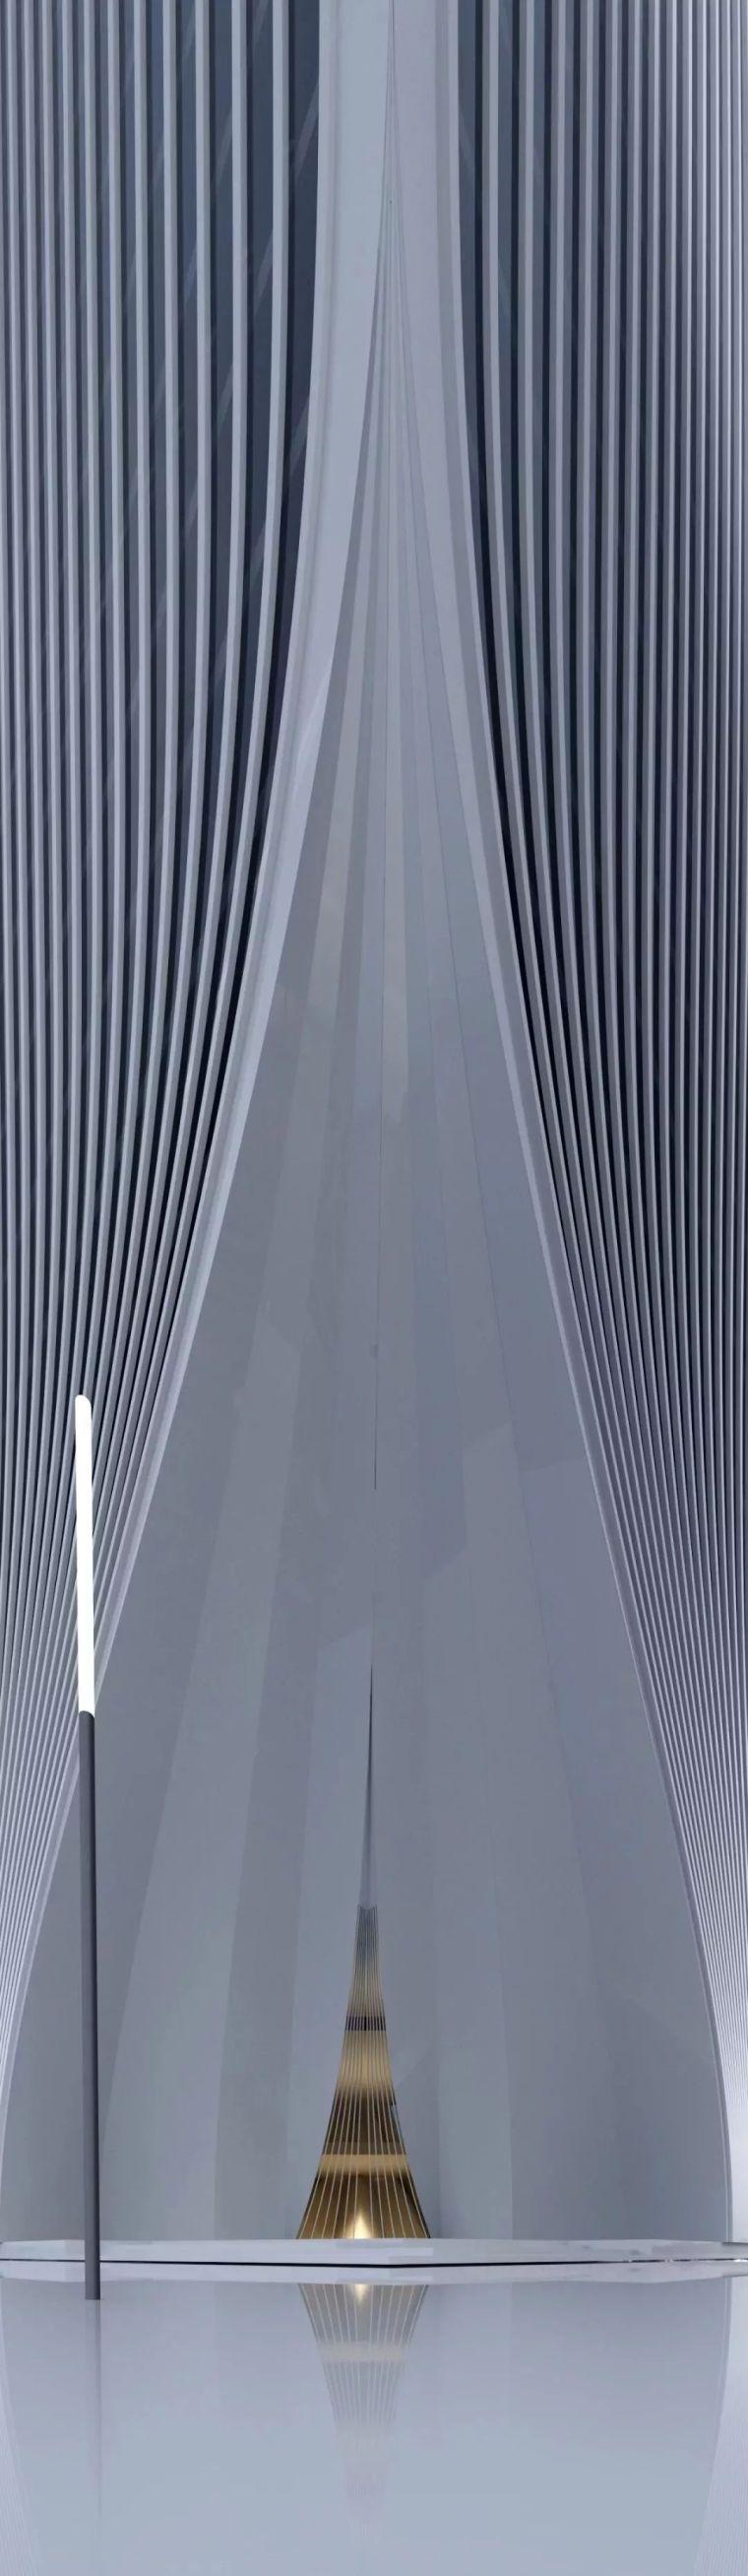 这些奇特的建筑设计,有点撩人_12